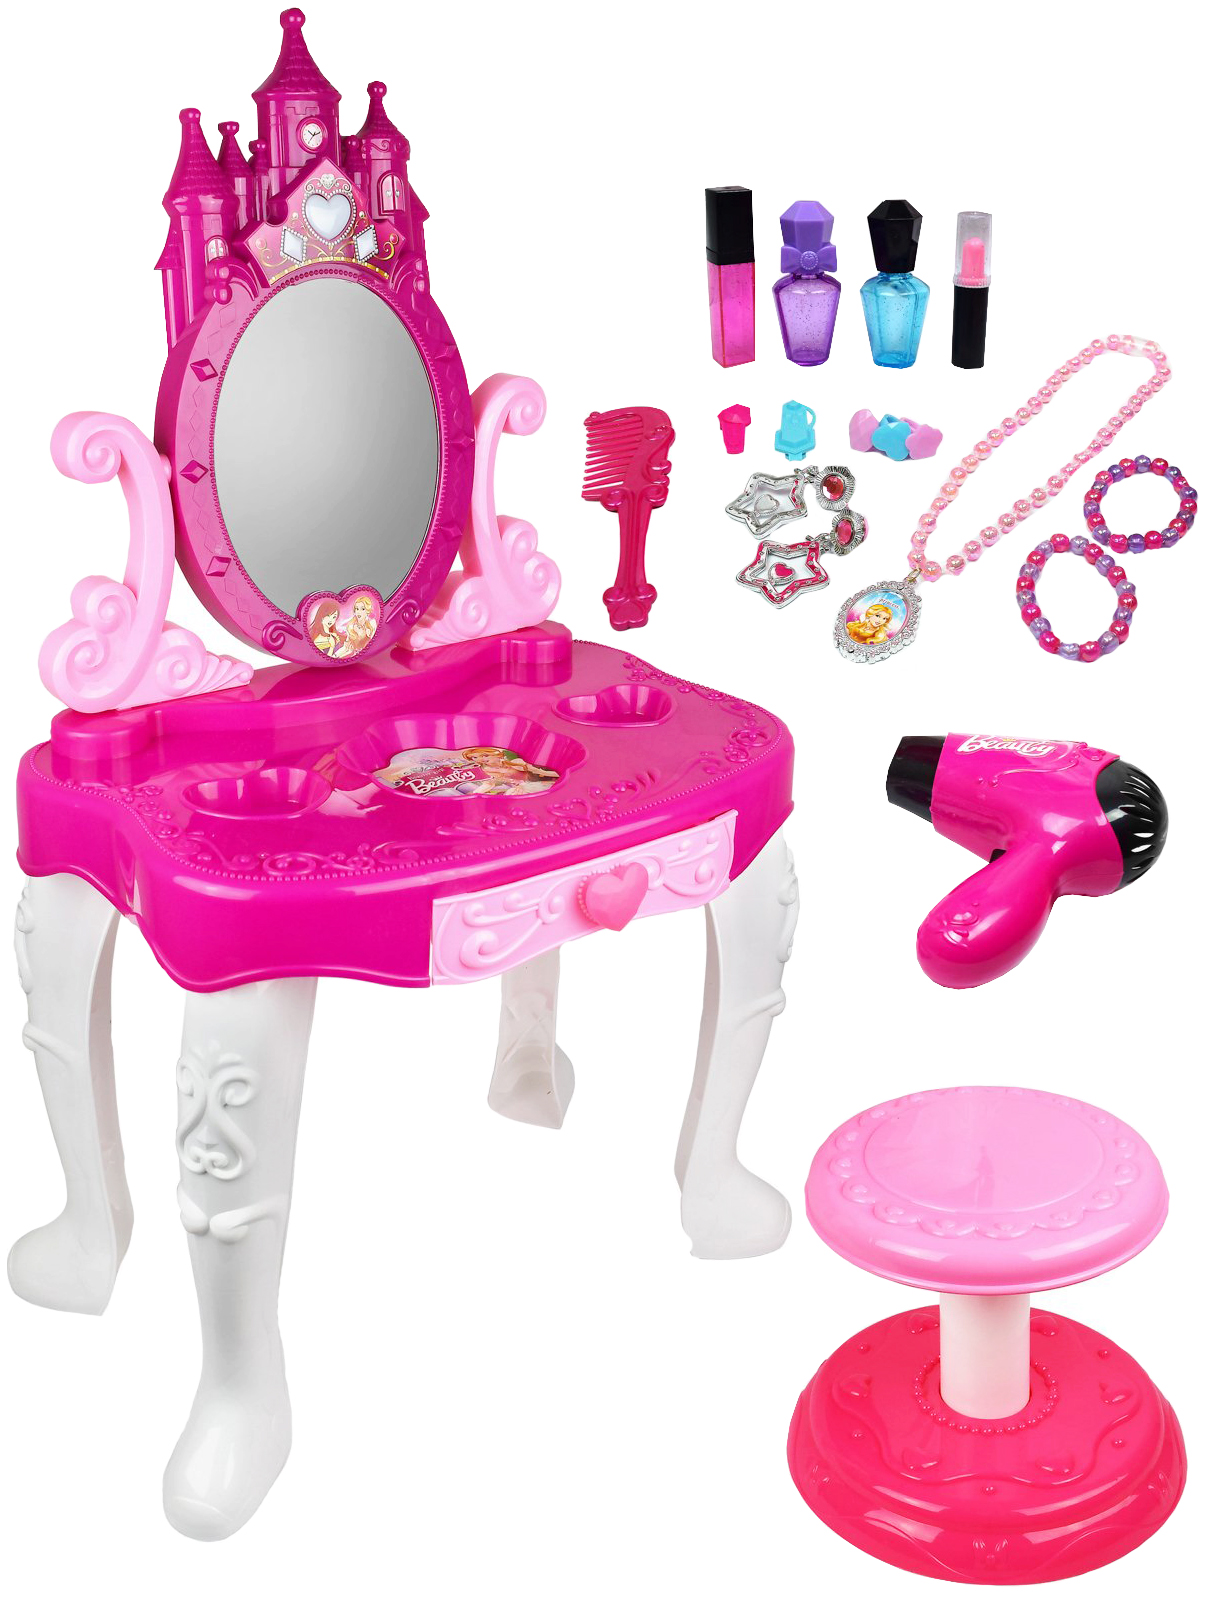 Детское трюмо с зеркалом Beauty - Always Fashion (свет, звук), Meihongyu Toys, Игрушечные туалетные столики  - купить со скидкой